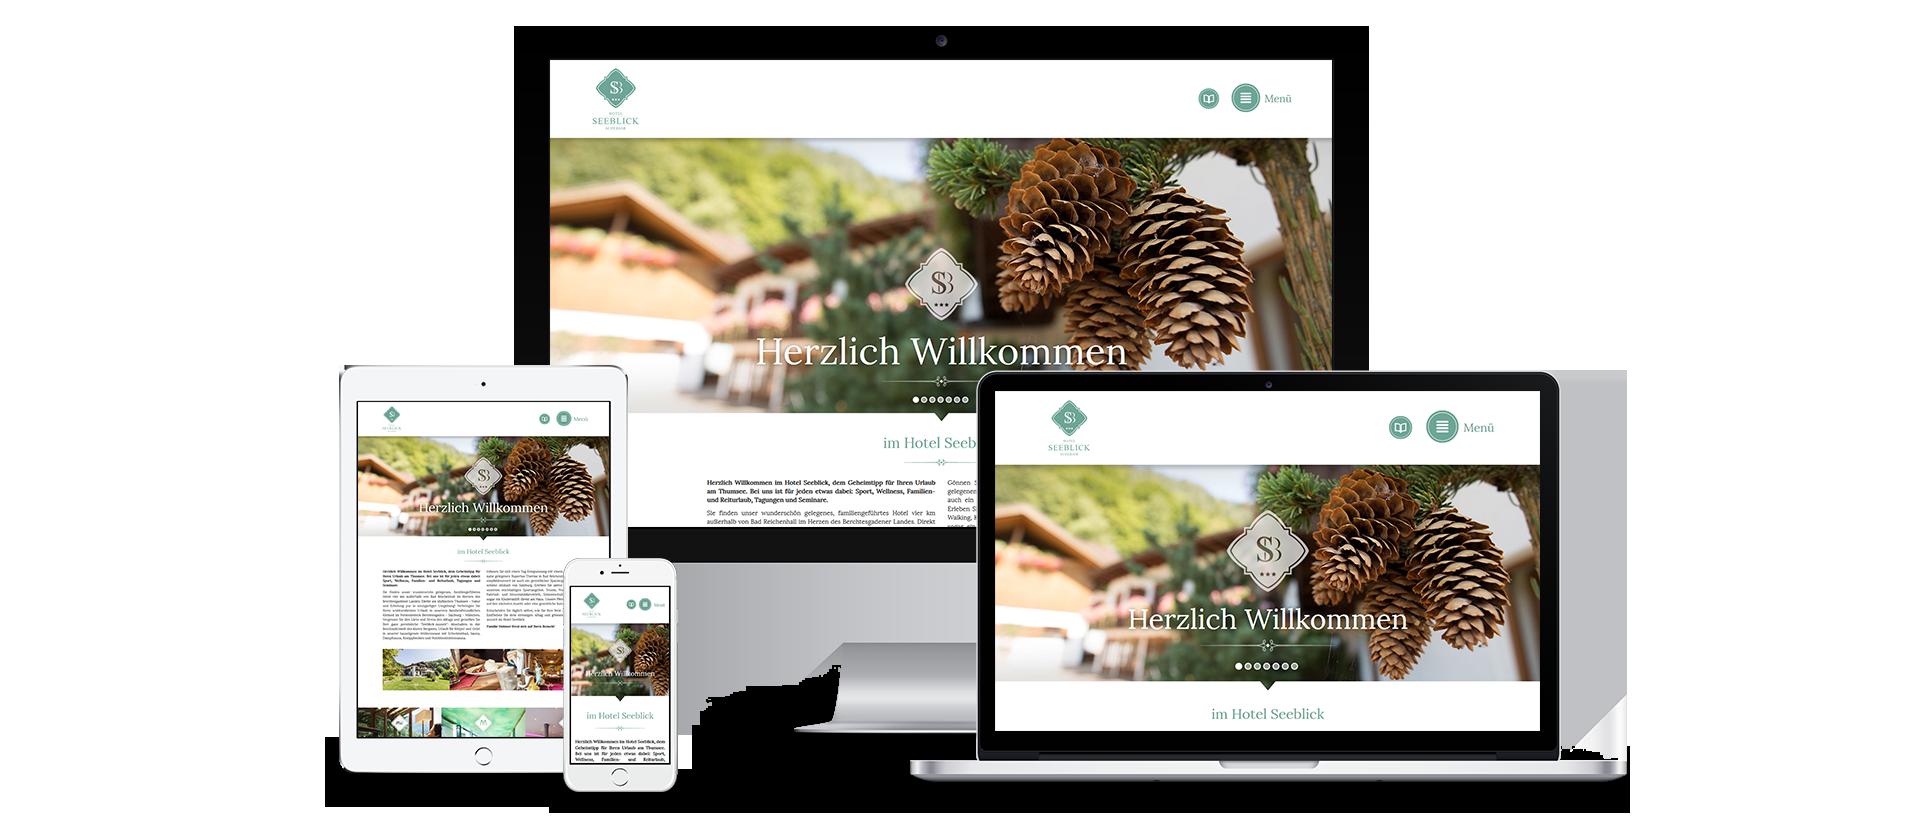 Hotel Seeblick Website Übersicht Devices